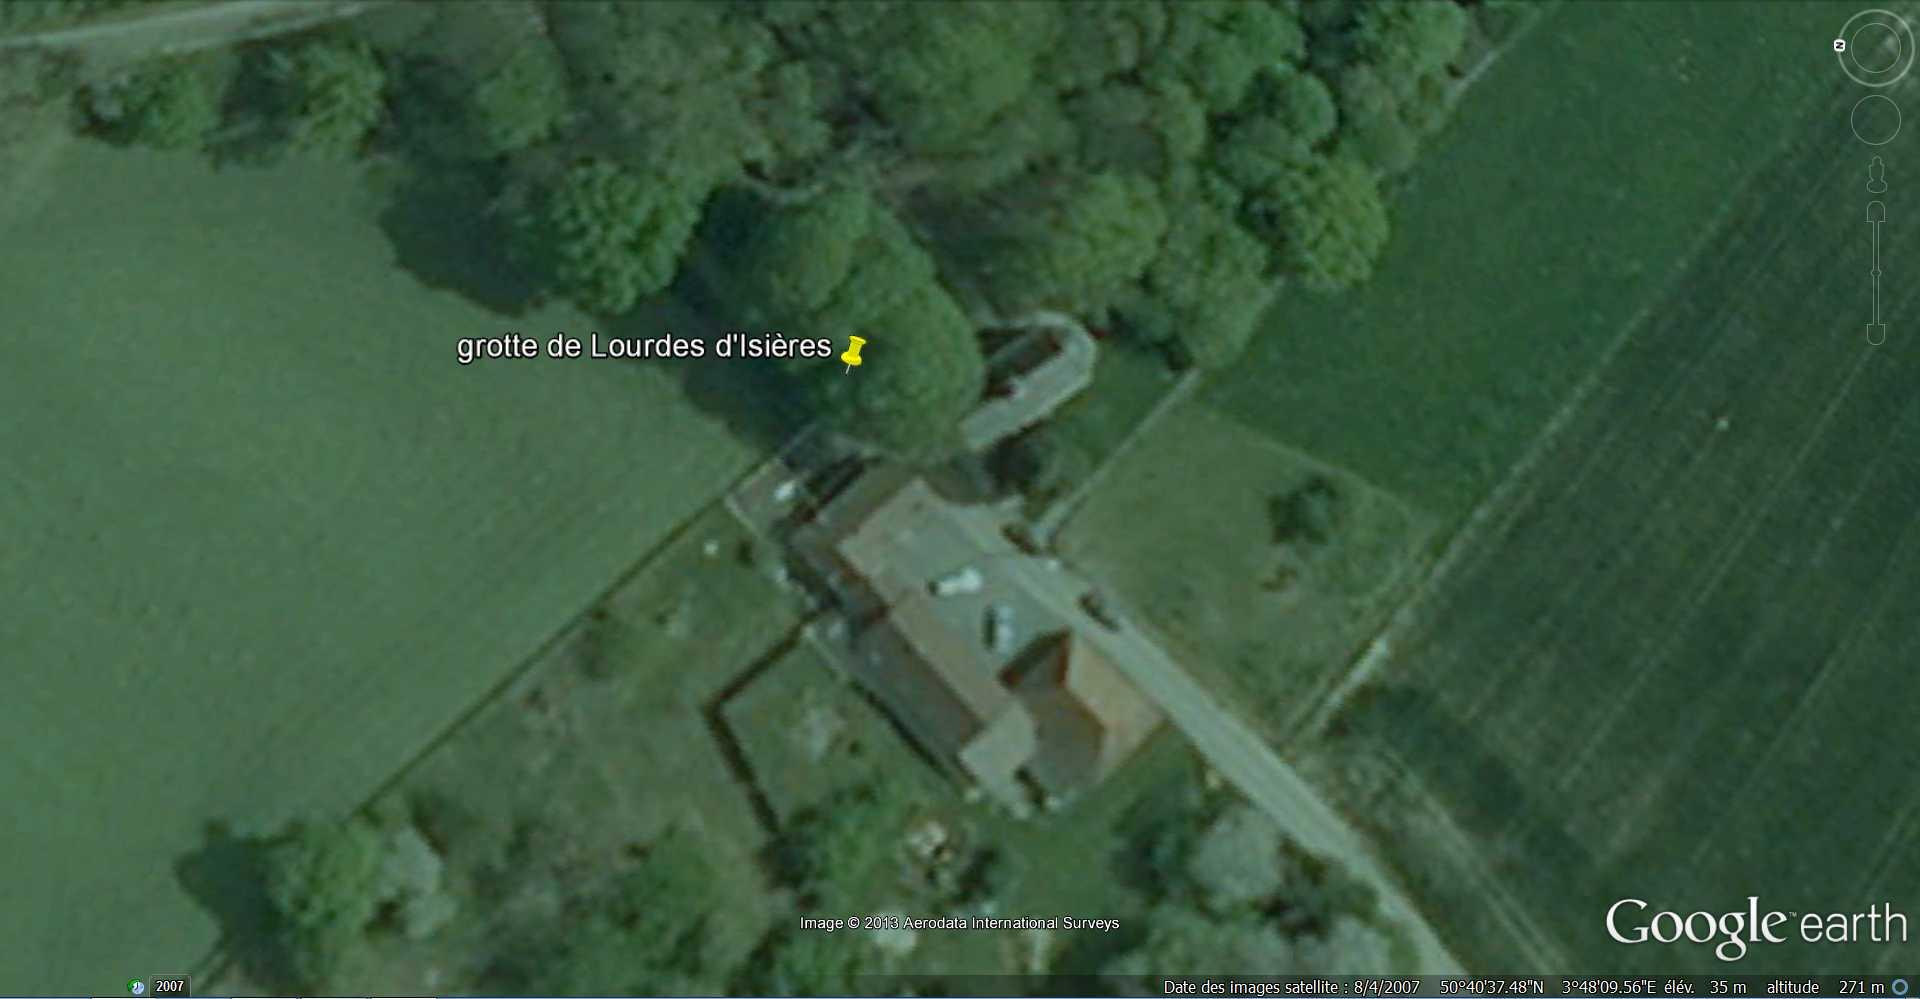 Les répliques de la grotte de Lourdes - Page 2 2013-198